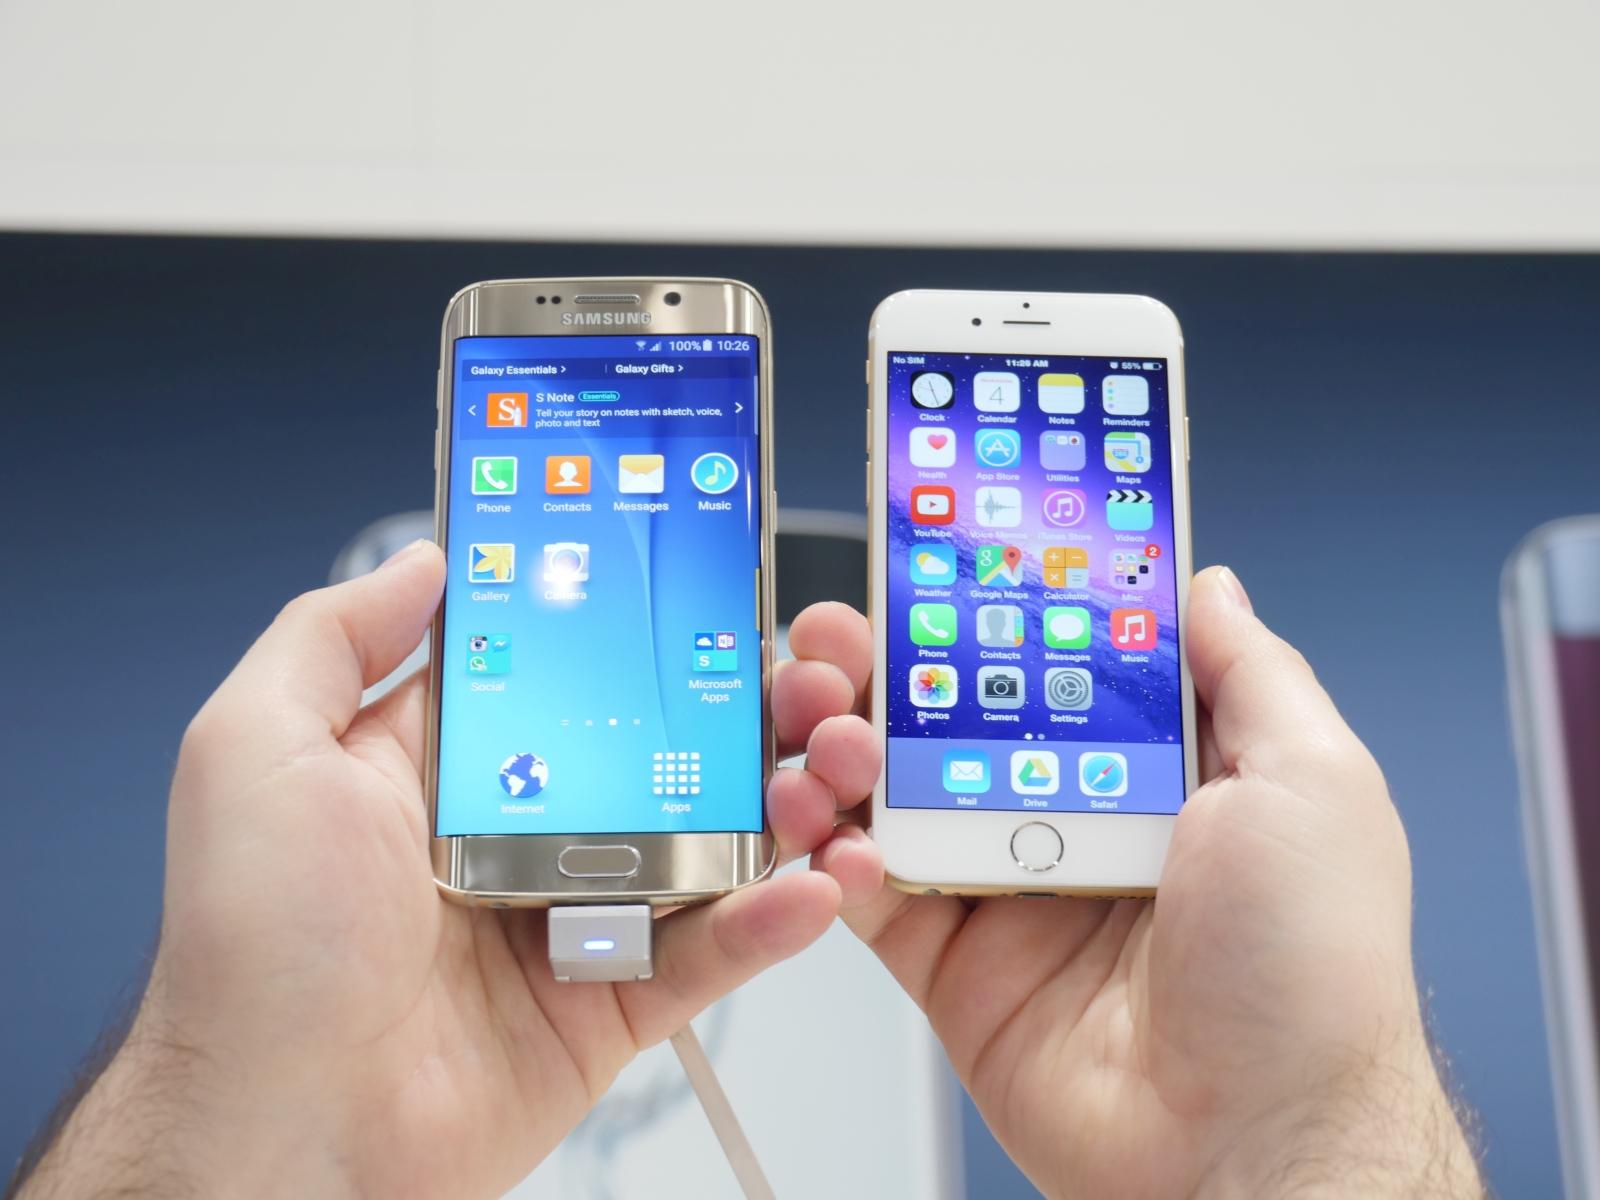 Galaxy S6 Edge İphone 6 'yı geride bıraktı!